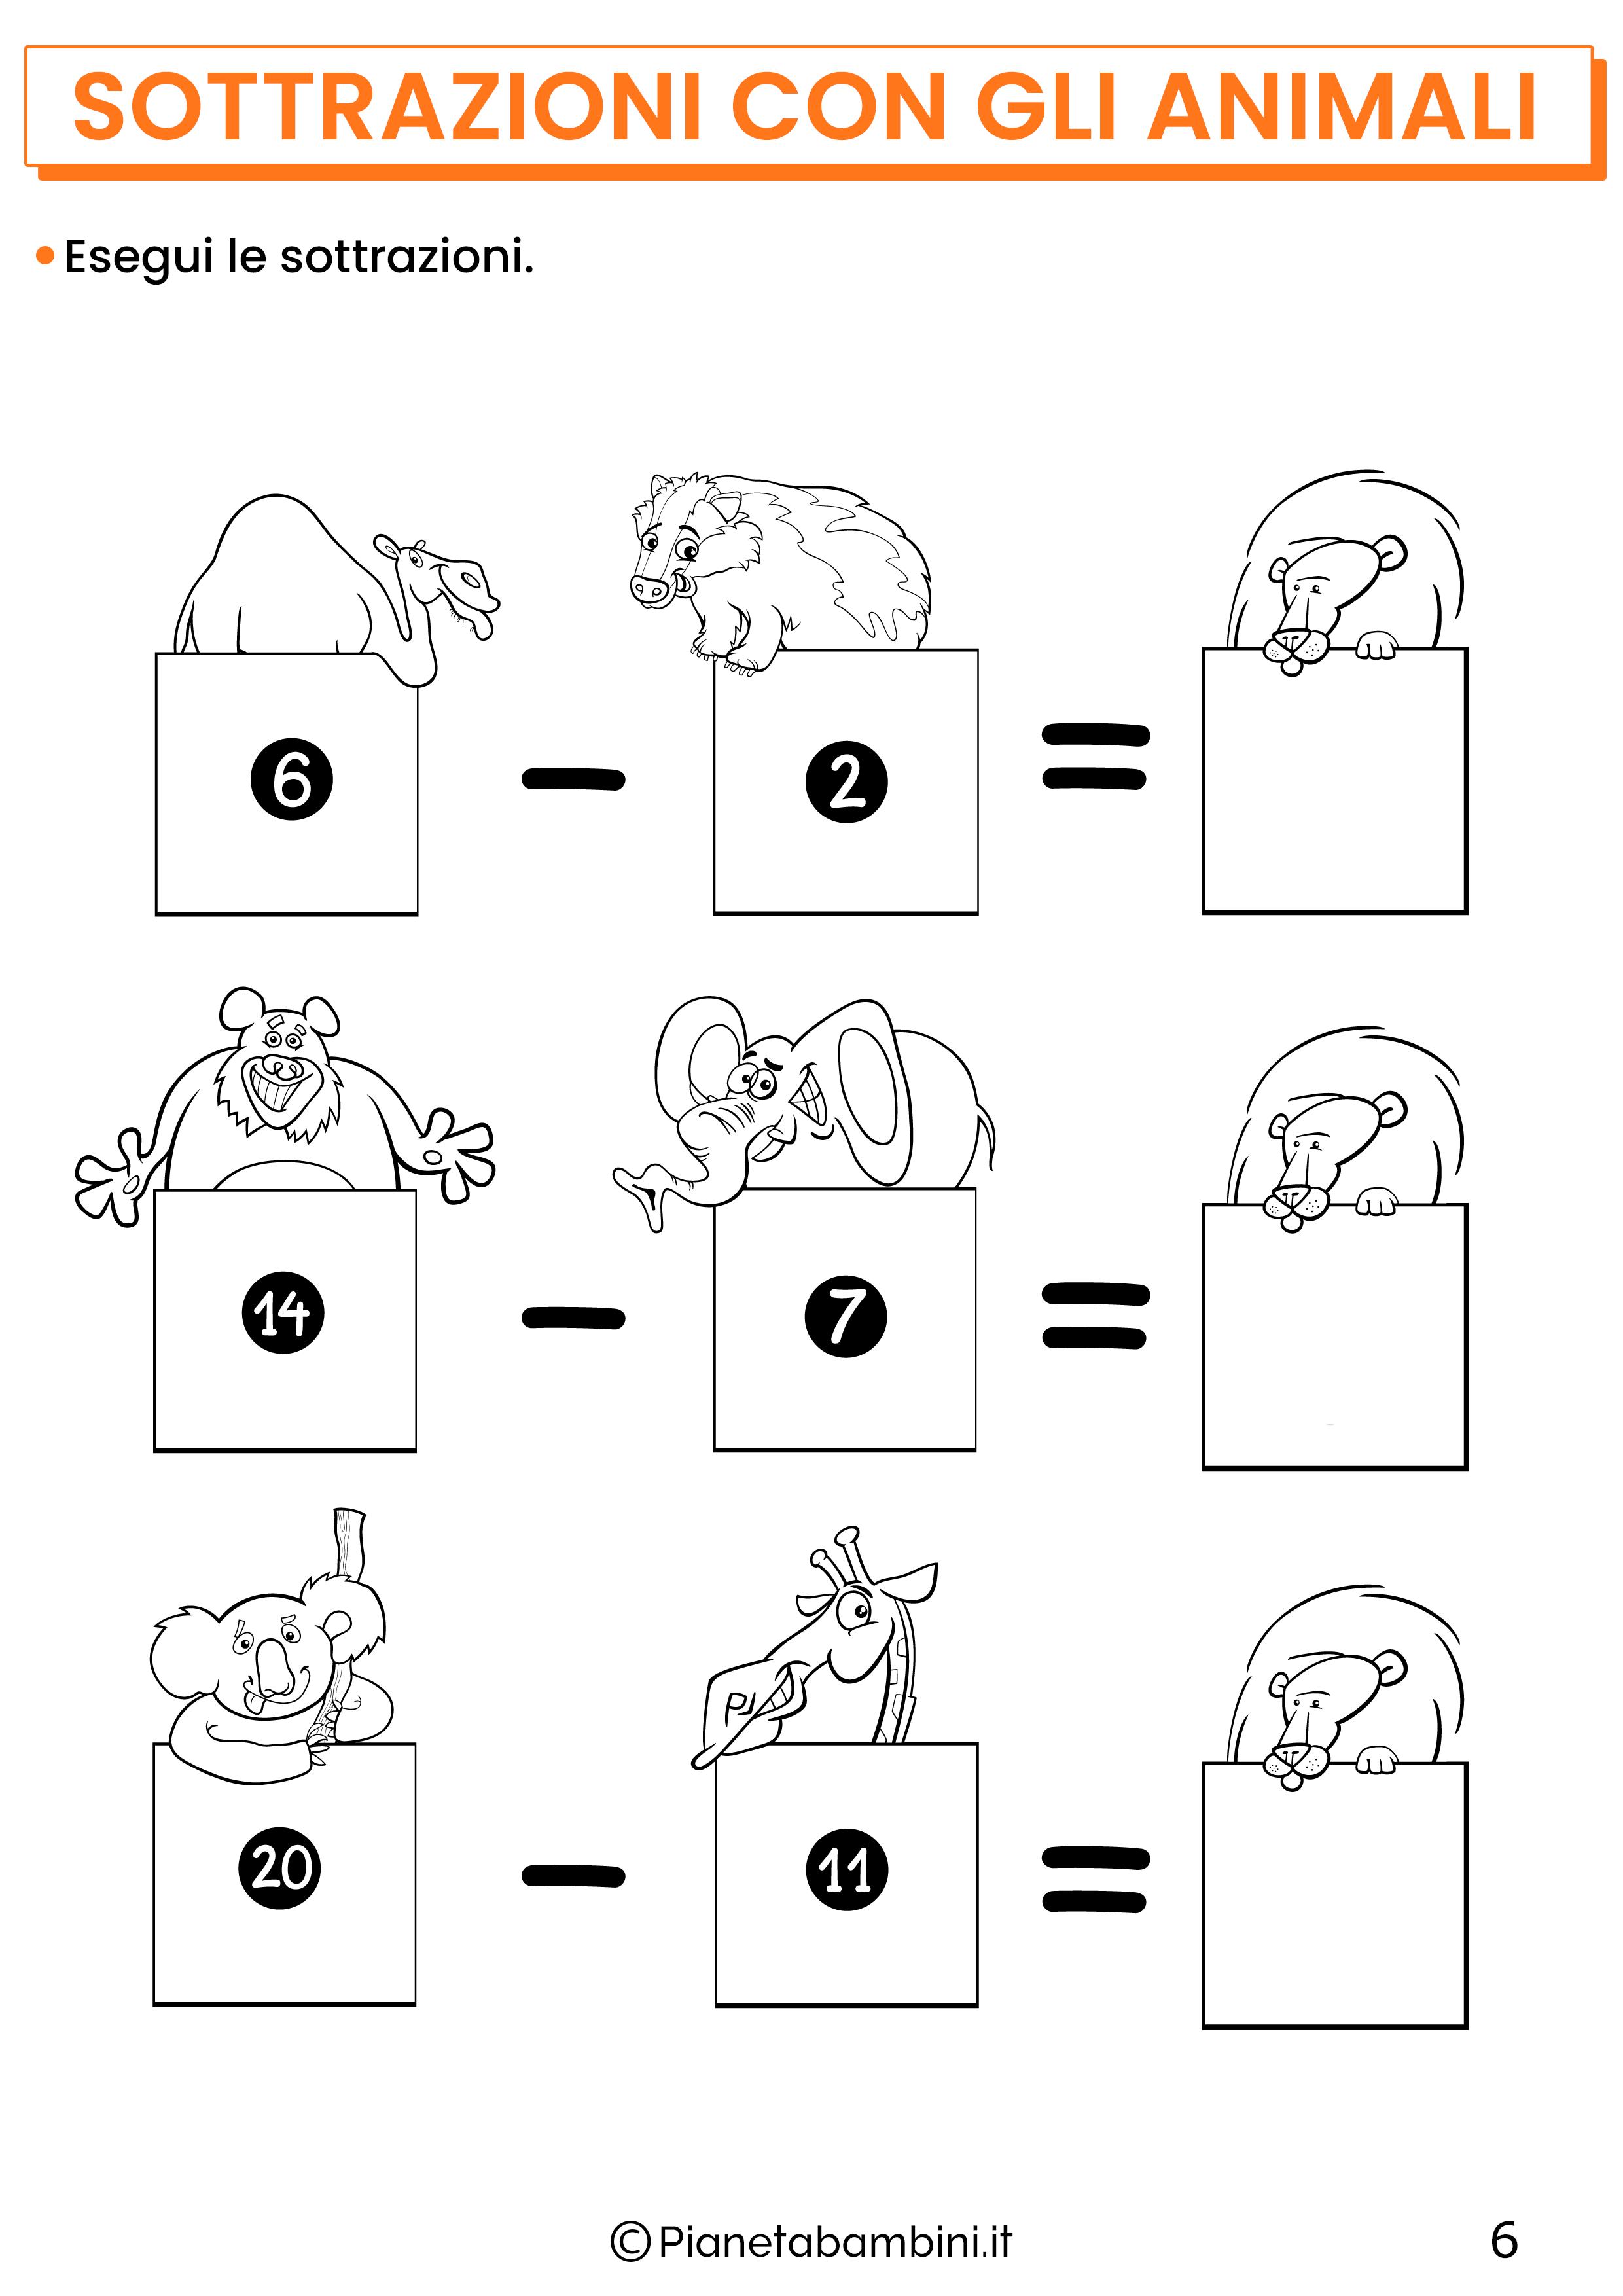 Sottrazioni con gli animali per la classe prima pagina 6